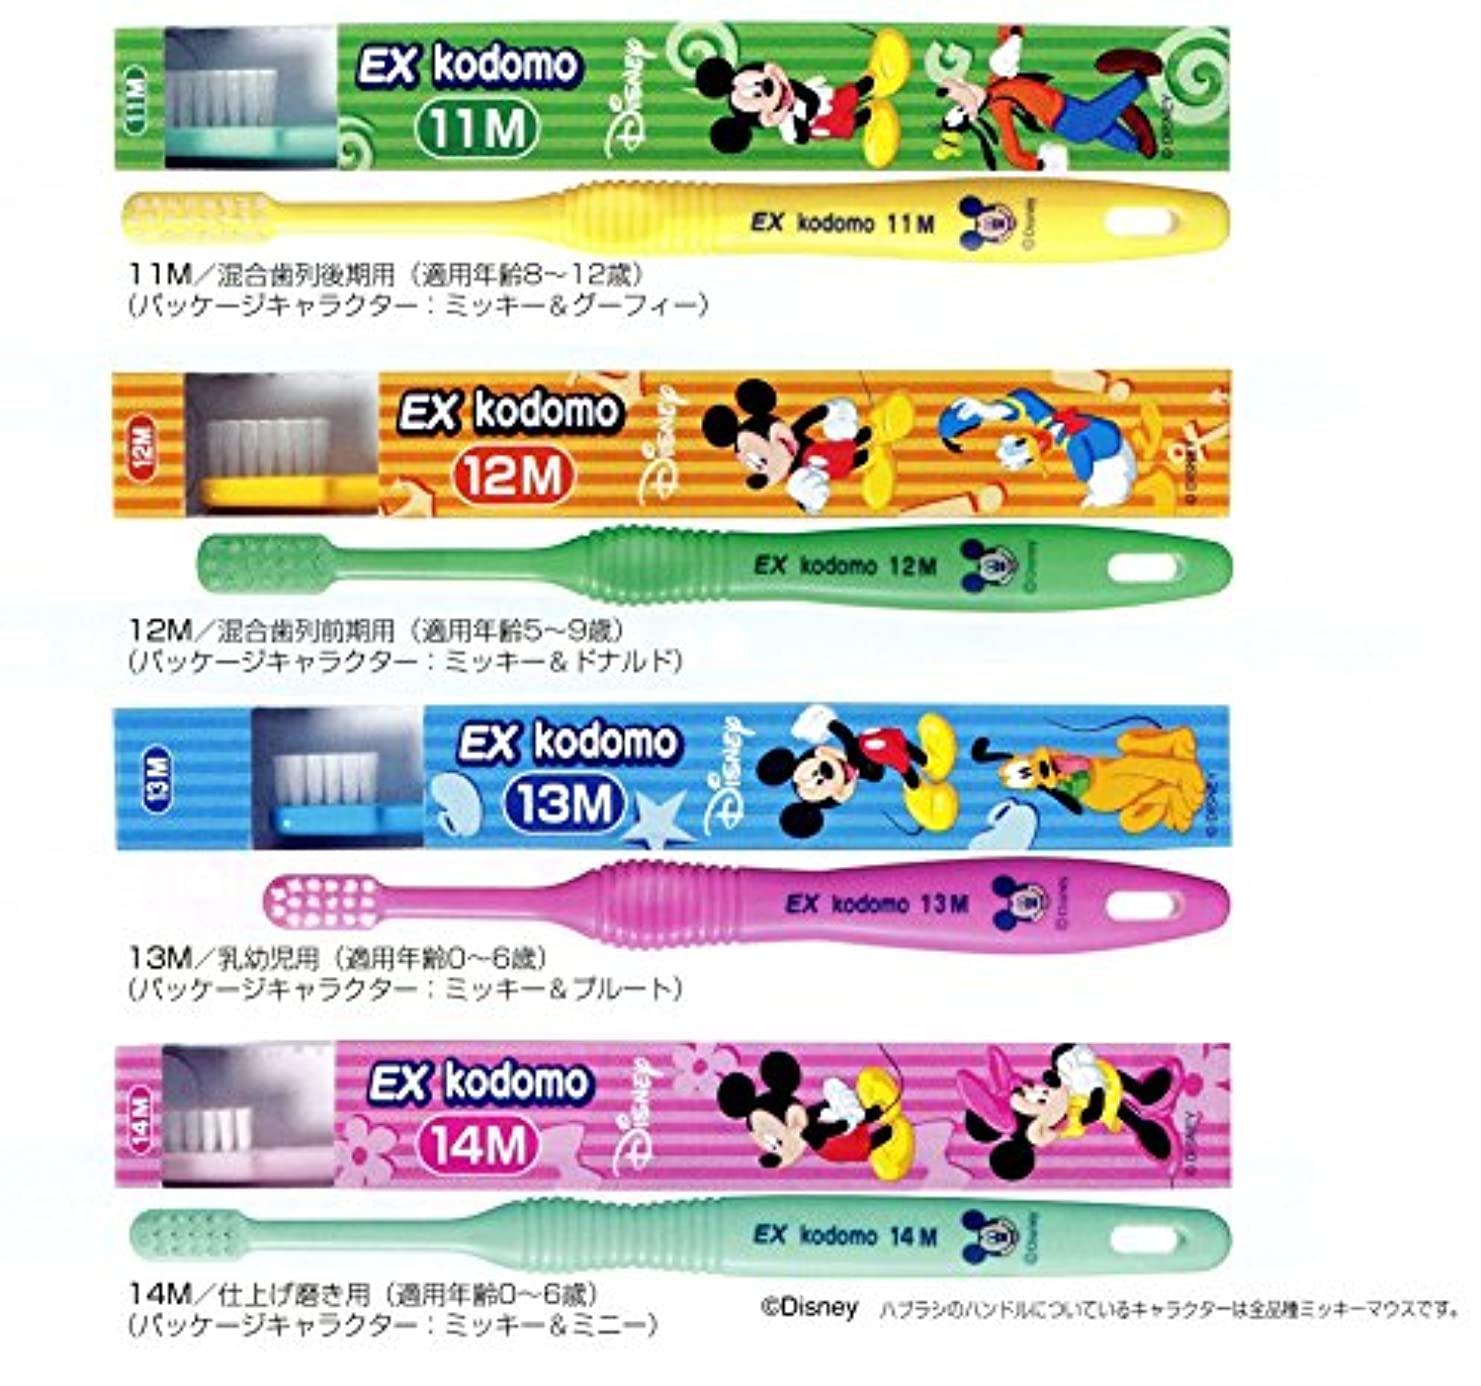 粒クレデンシャルバスライオン コドモ ディズニー DENT.EX kodomo Disney 1本 12M グリーン (5?9歳)